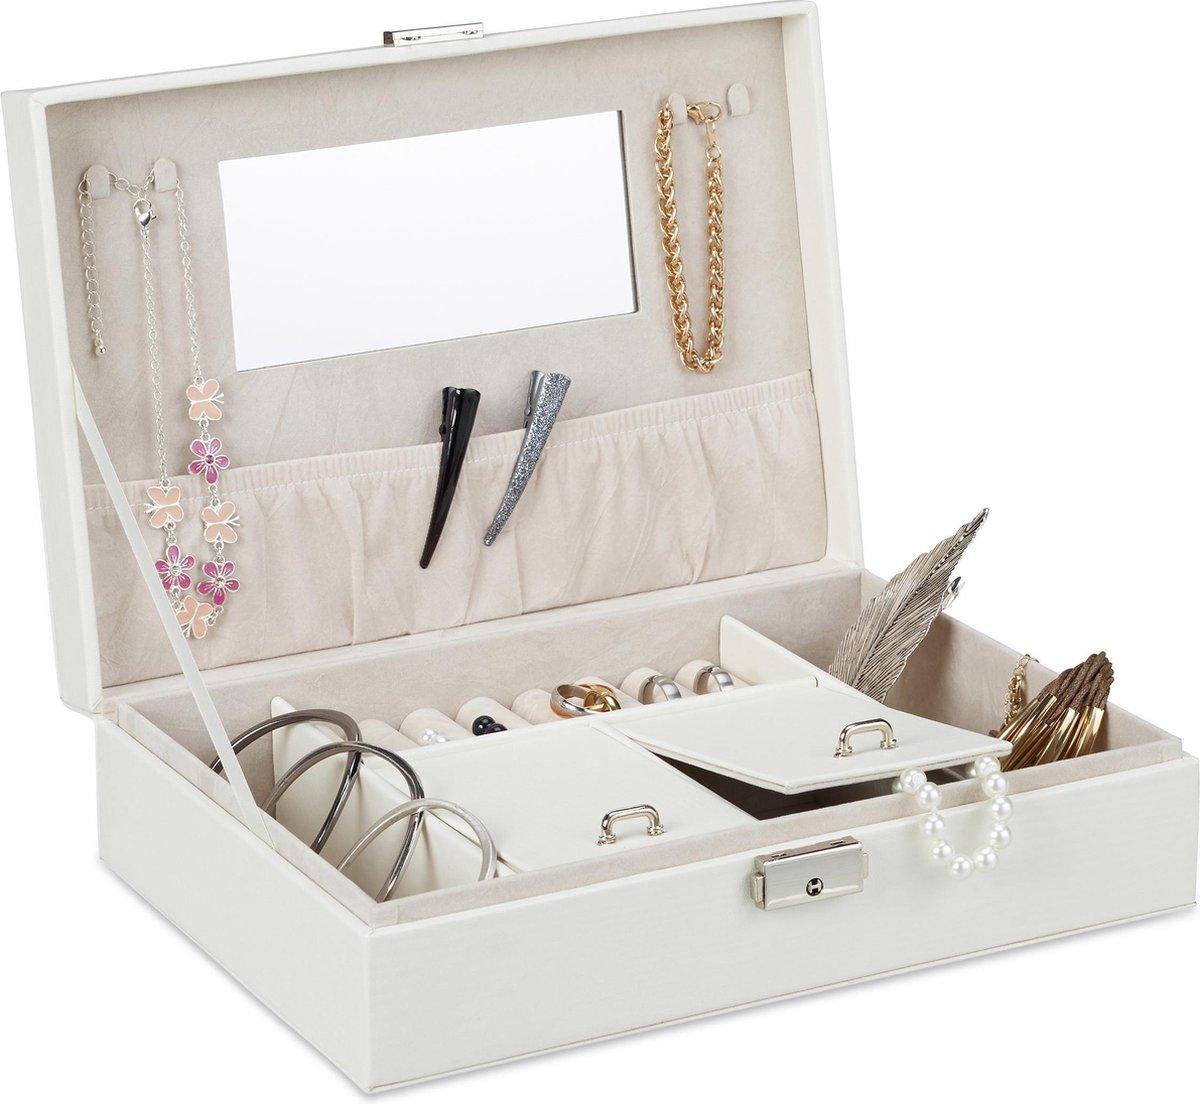 relaxdays sieradendoos kunstleer - sieradenkistje met slot - juwelendoos - met spiegel wit - Relaxdays